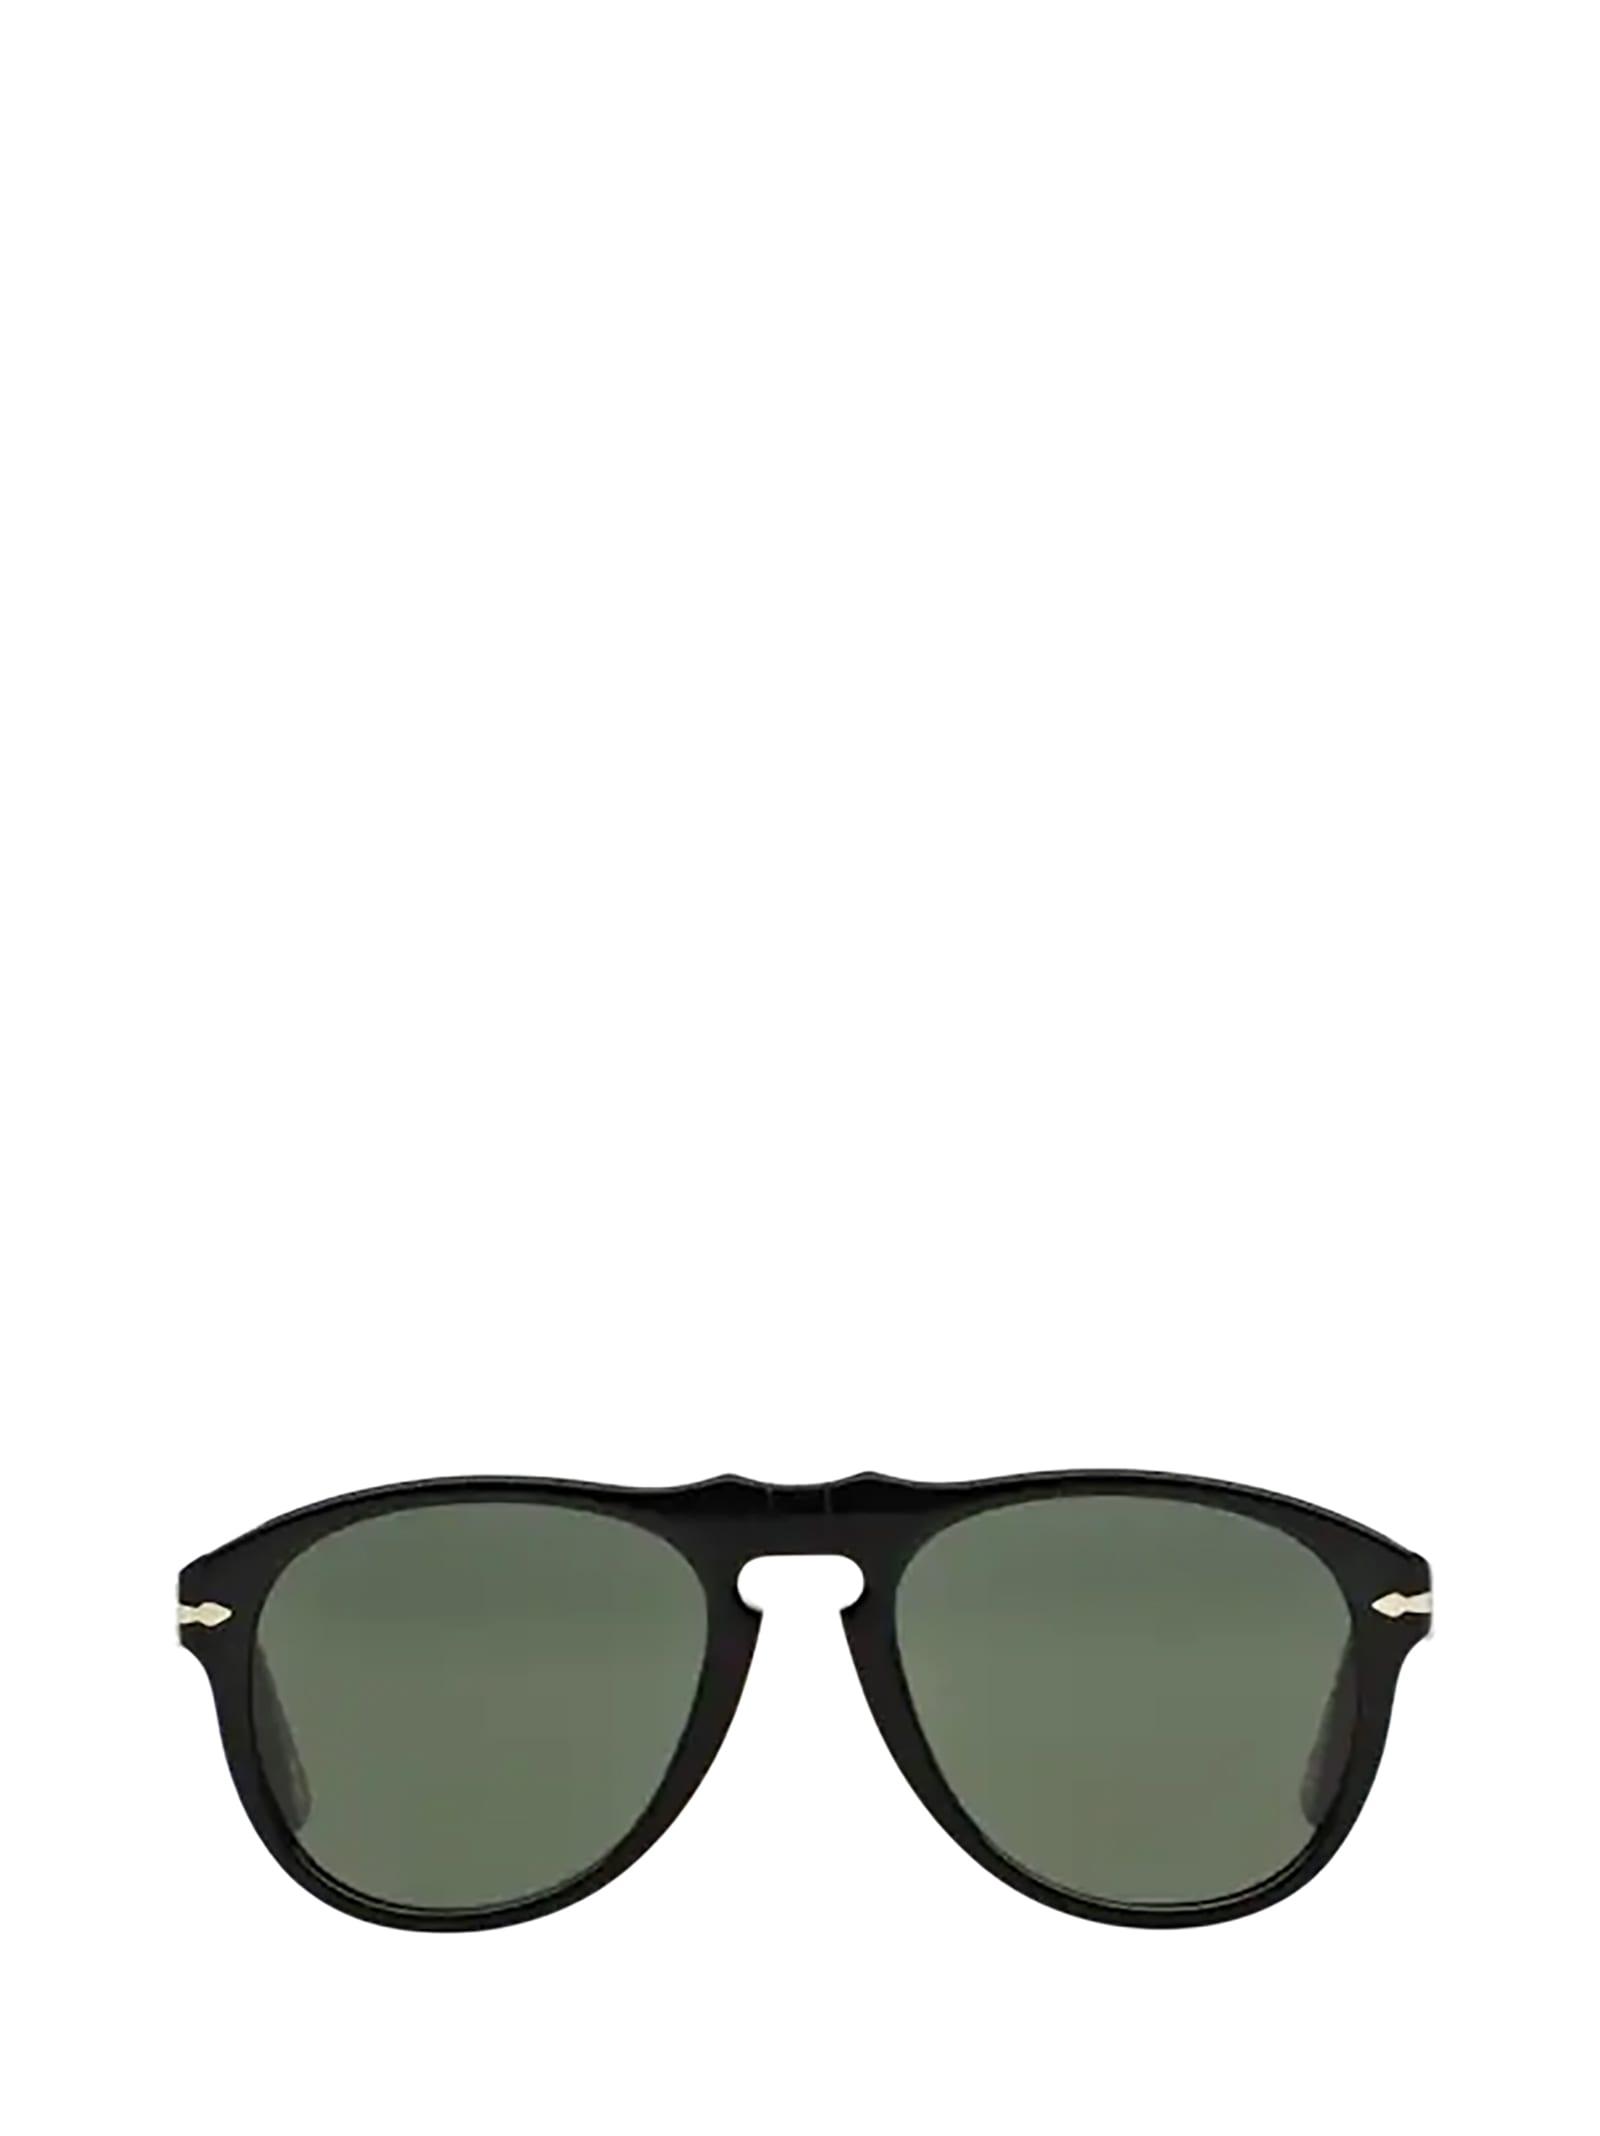 Persol Persol Po0649 95/31 Sunglasses